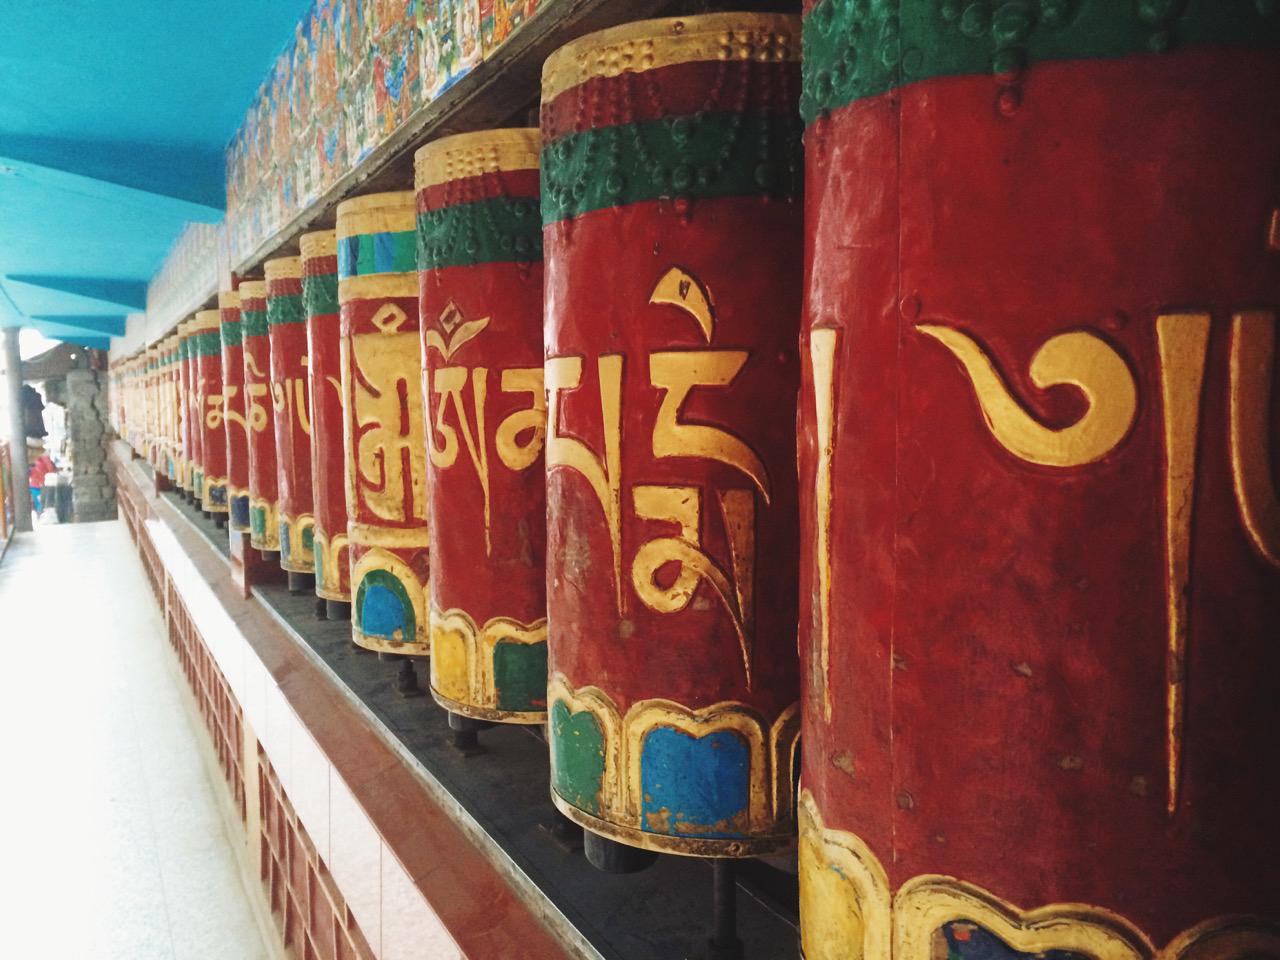 Путешествие по Индии: Молельные барабаны